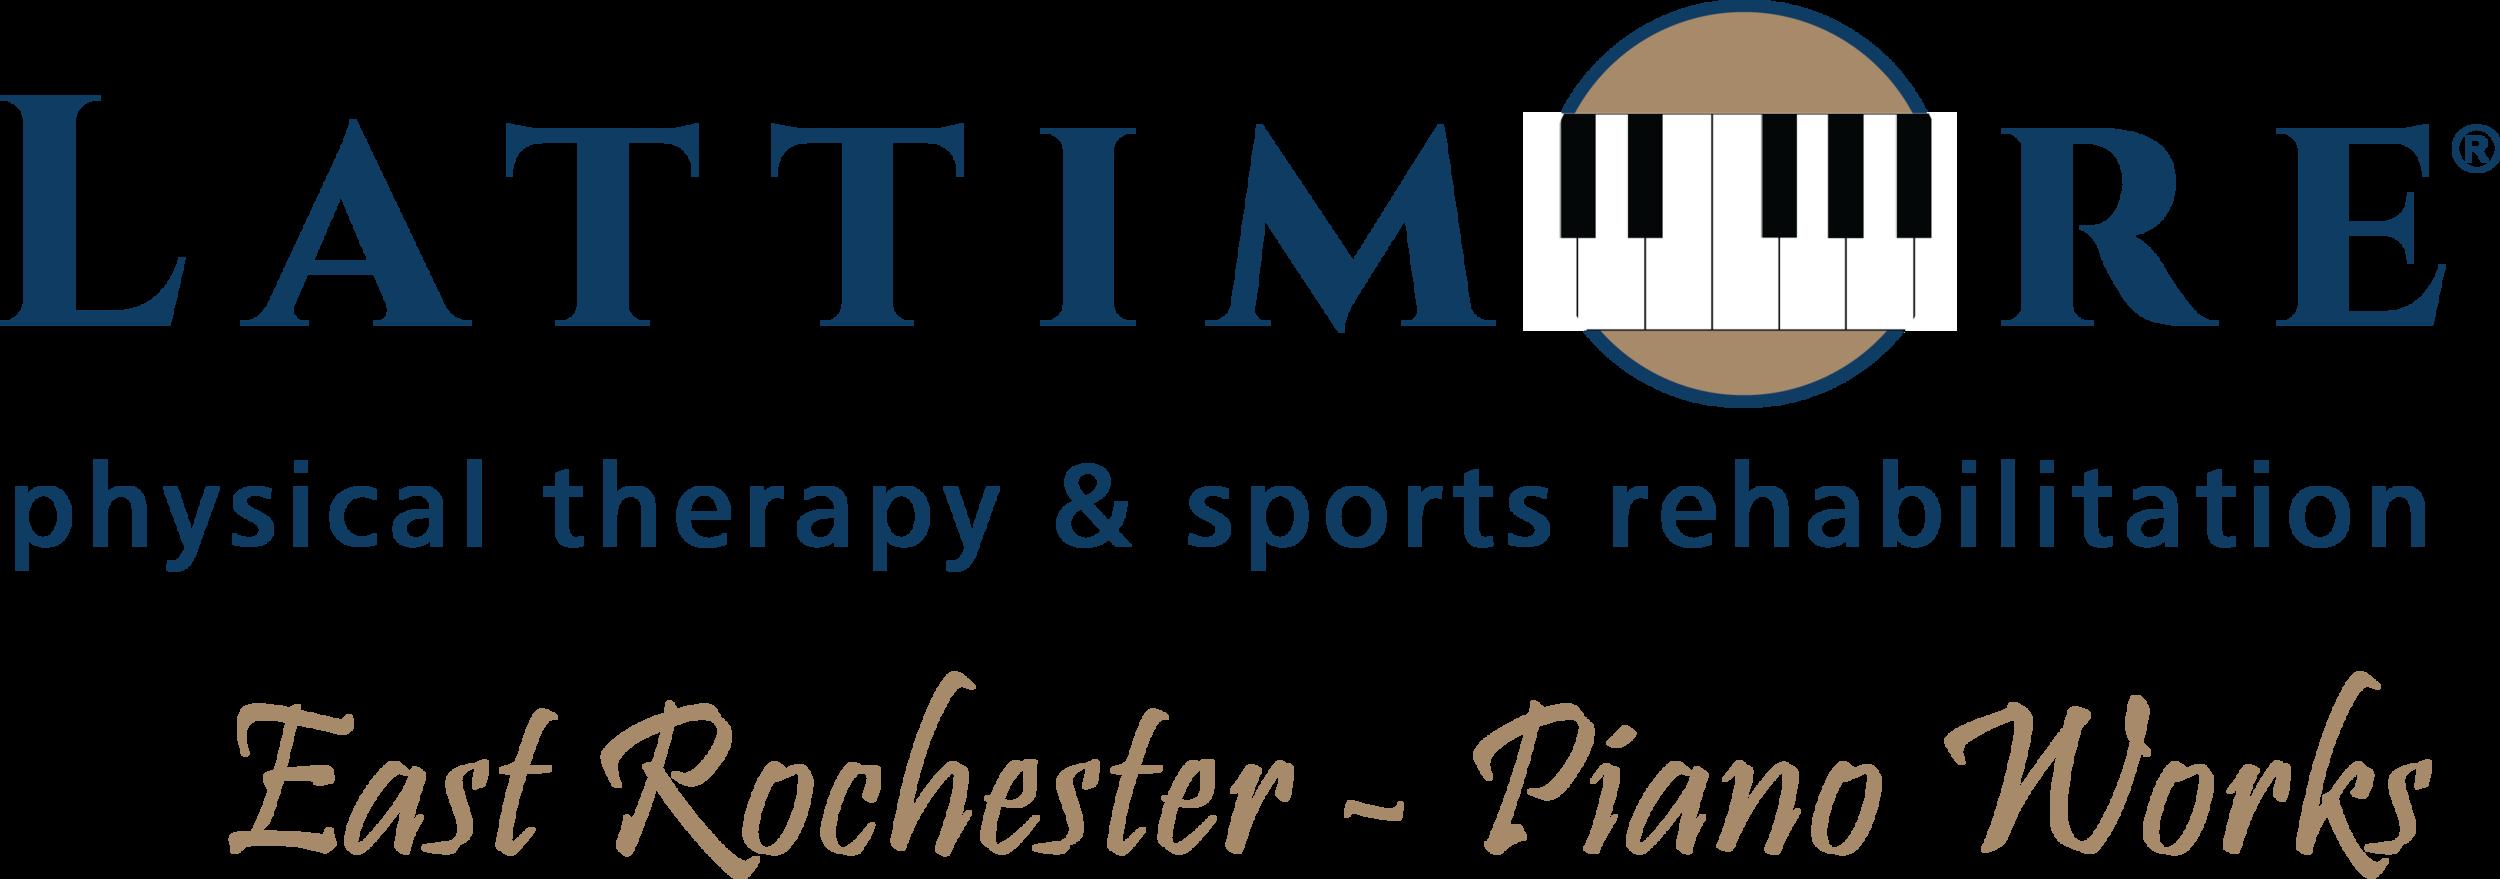 2019-05_Lattimore-Logo-EastRochester.png